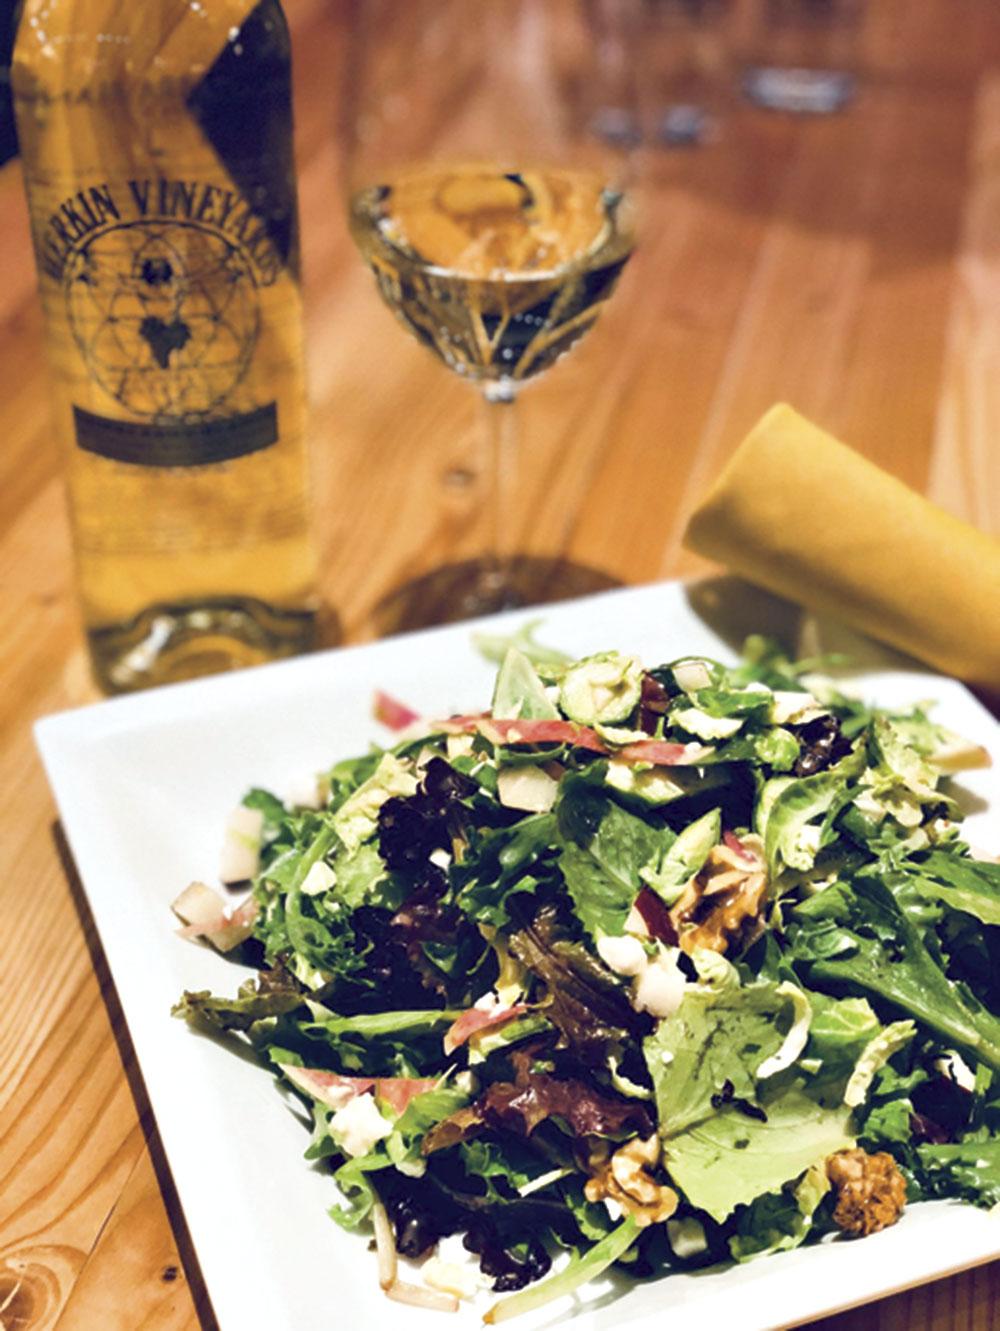 Merkin Vineyards Tasting Room & Osteria